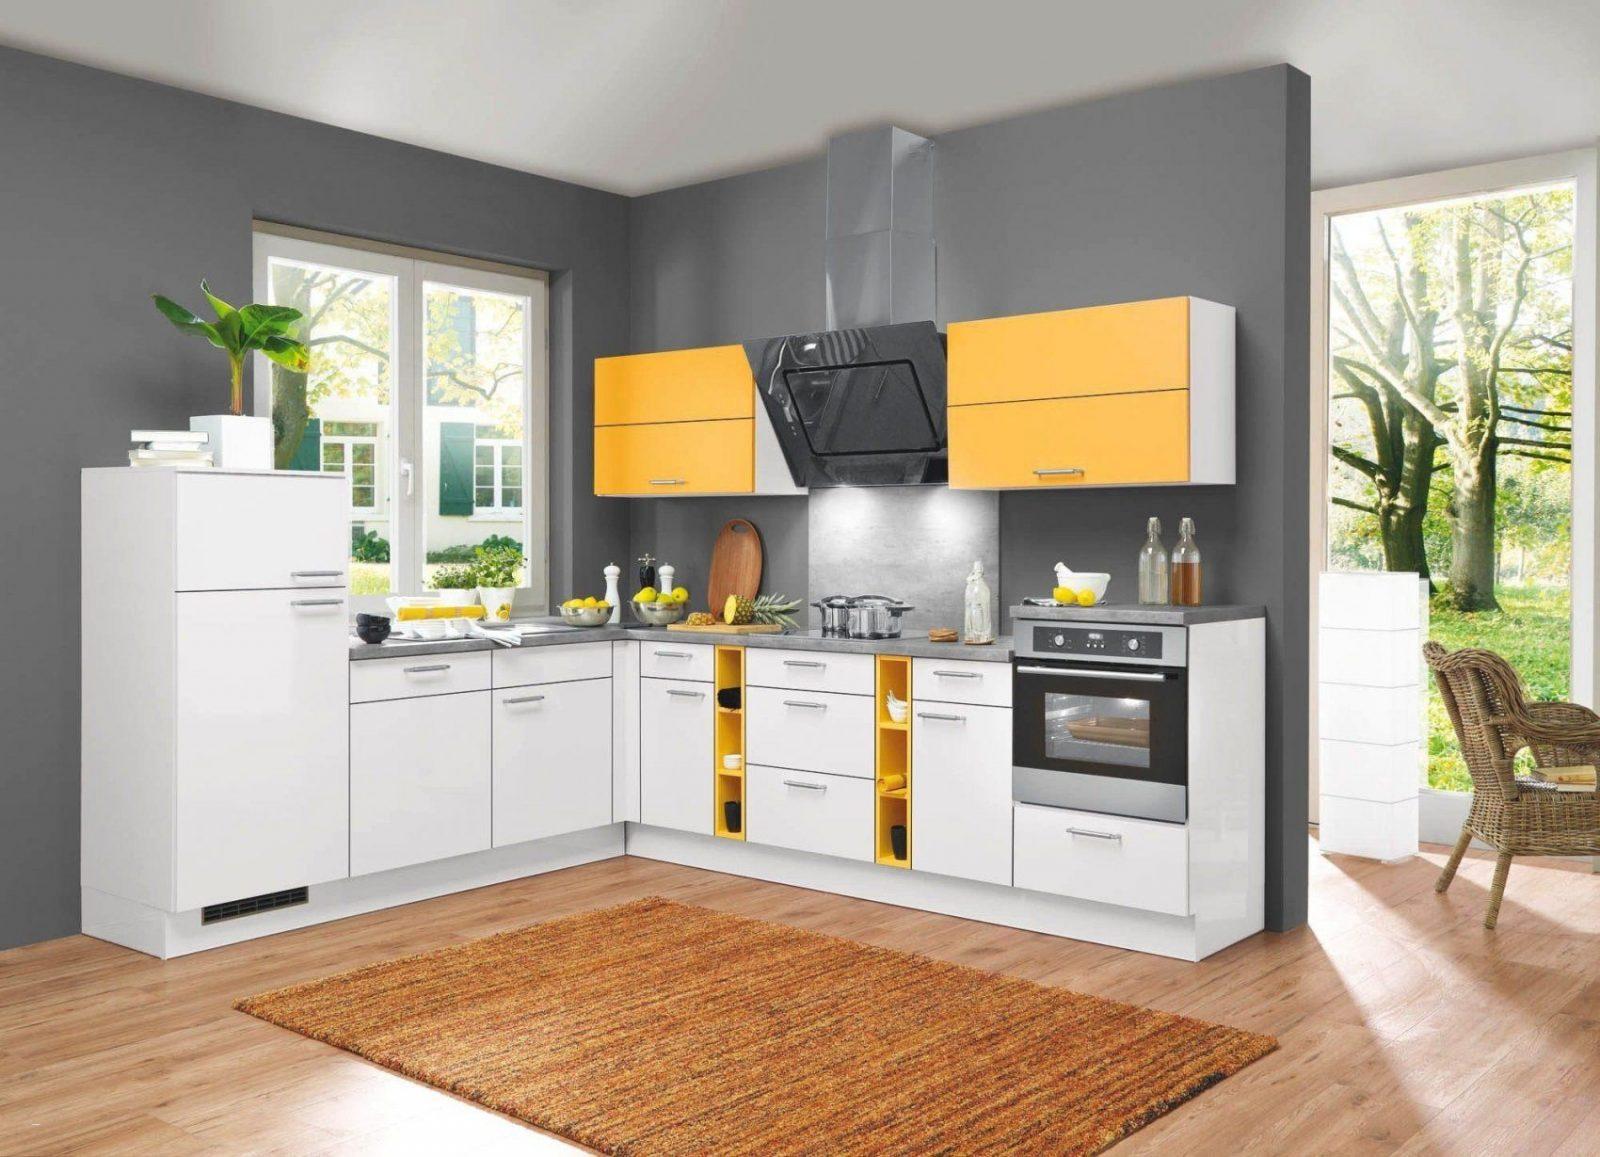 kleine schmale k che einrichten haus design ideen. Black Bedroom Furniture Sets. Home Design Ideas